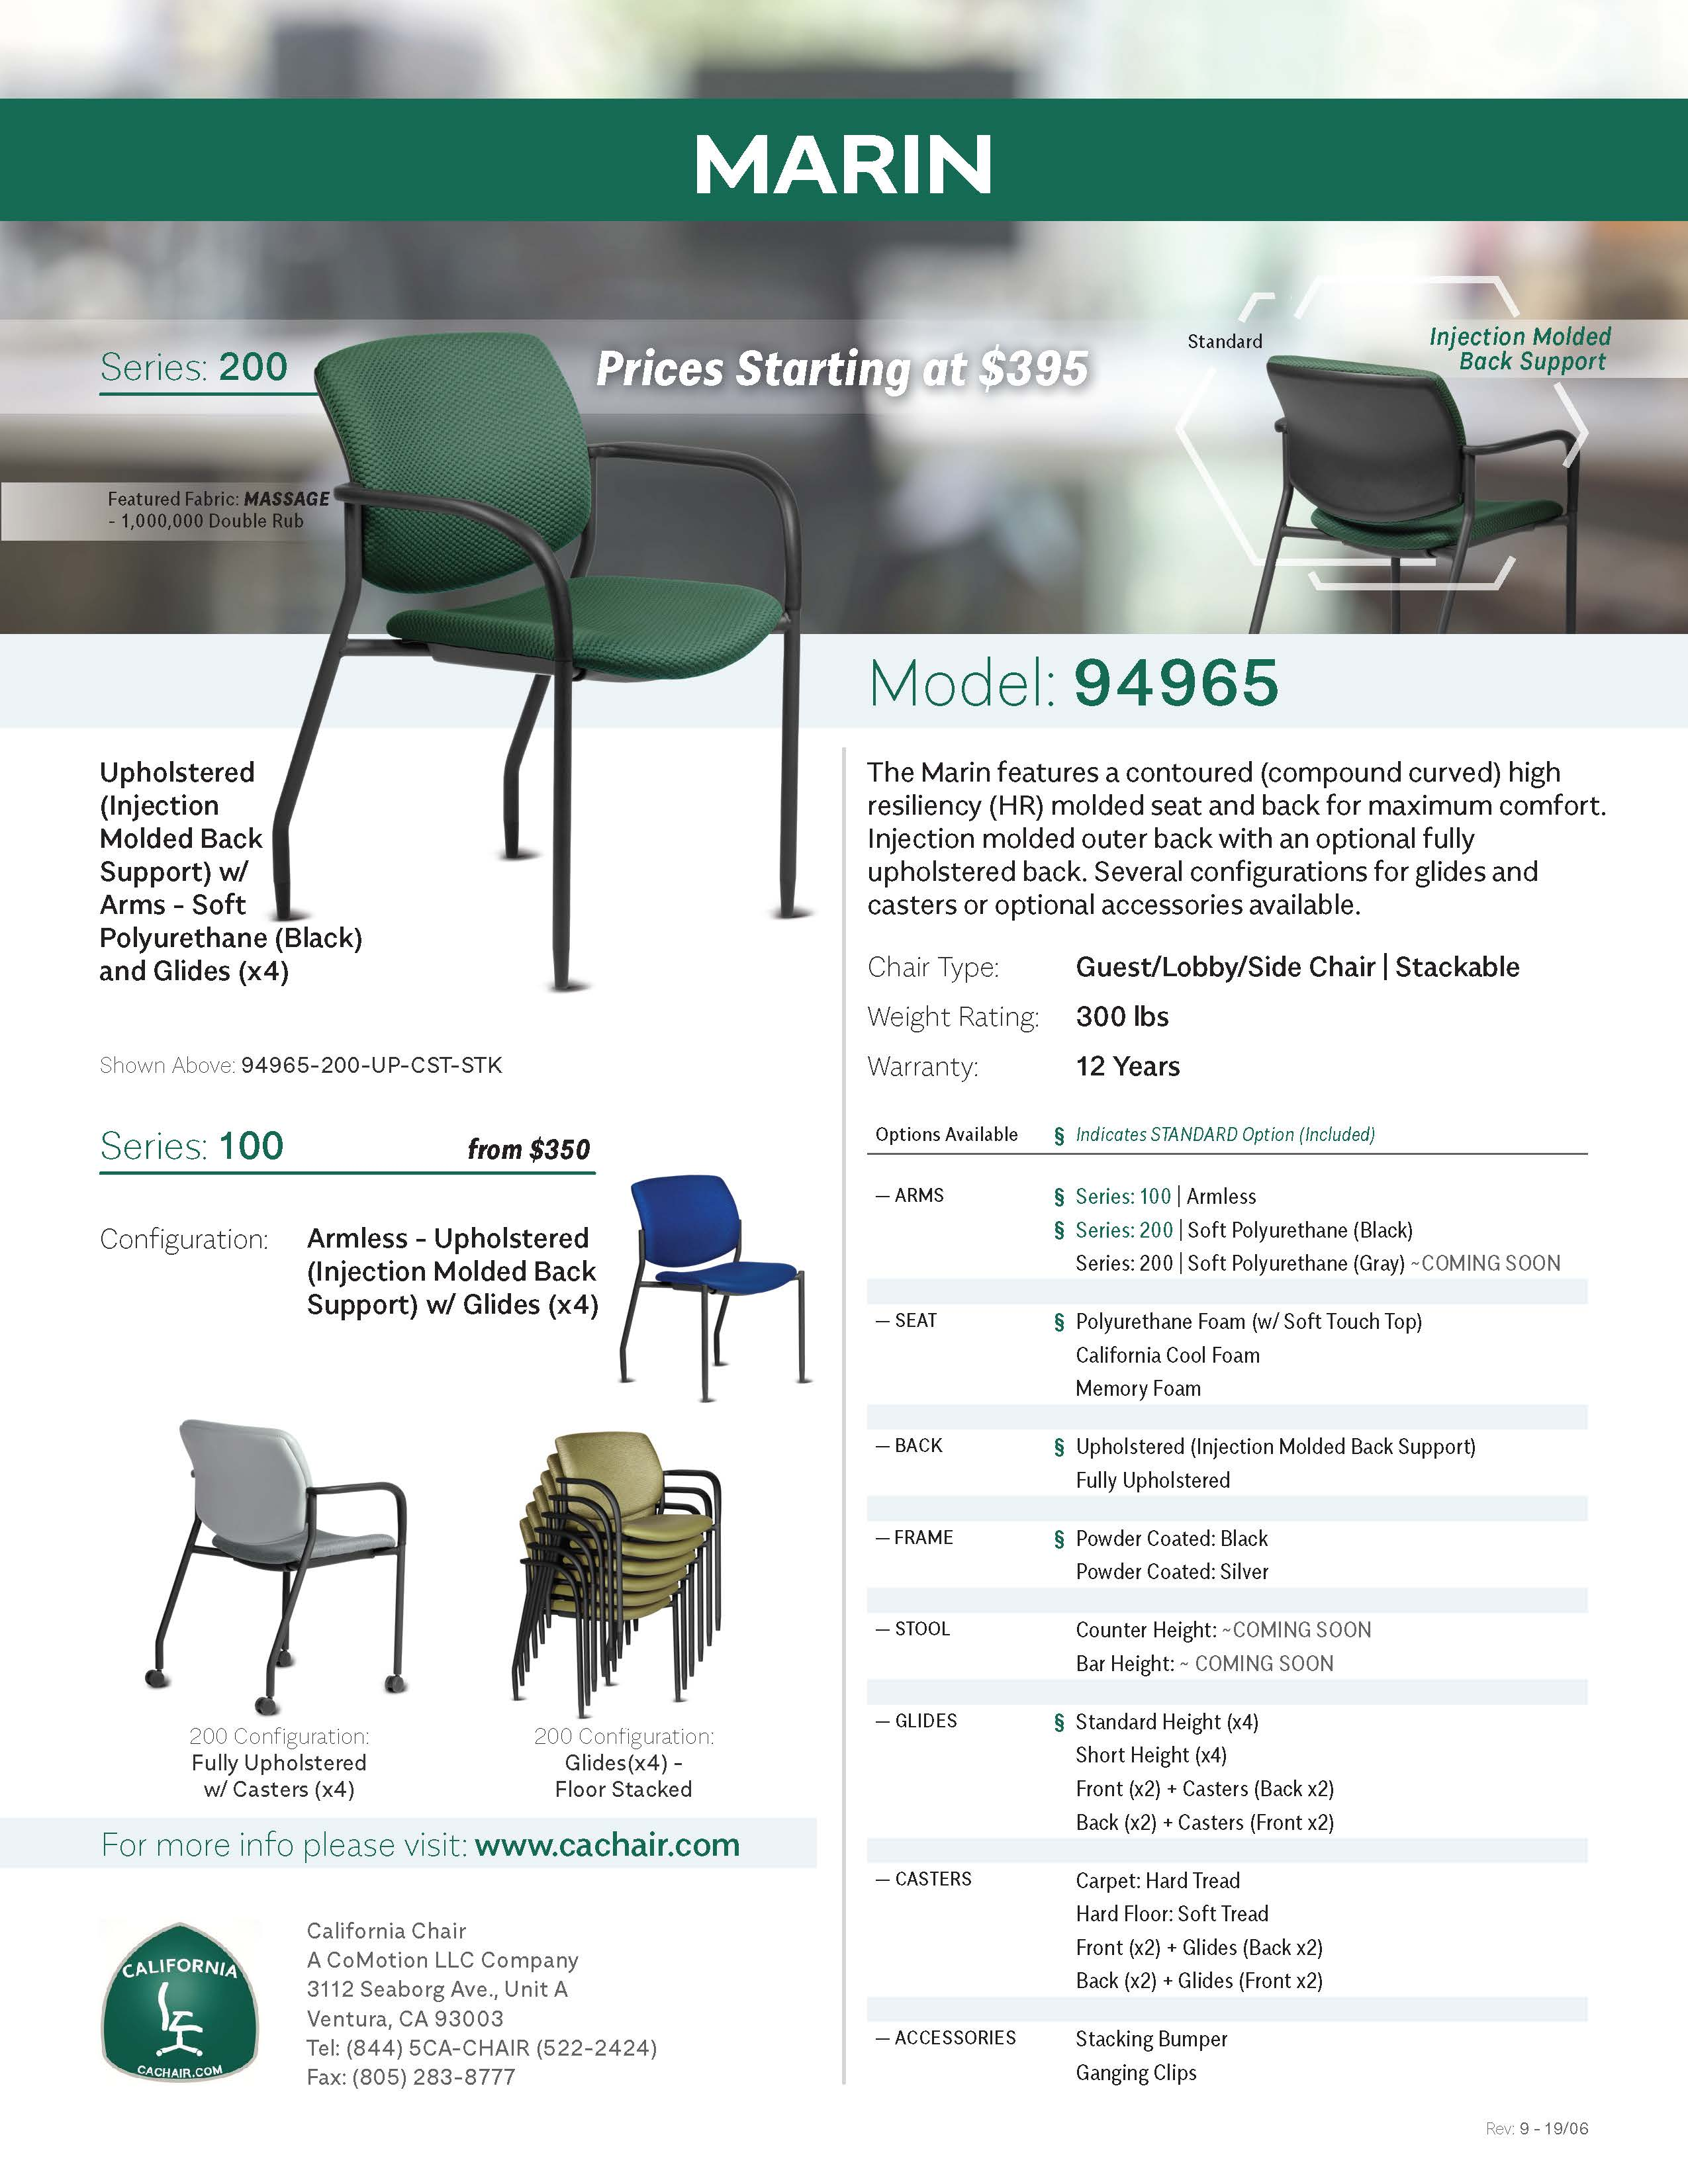 Cut Sheet: Marin - 94965